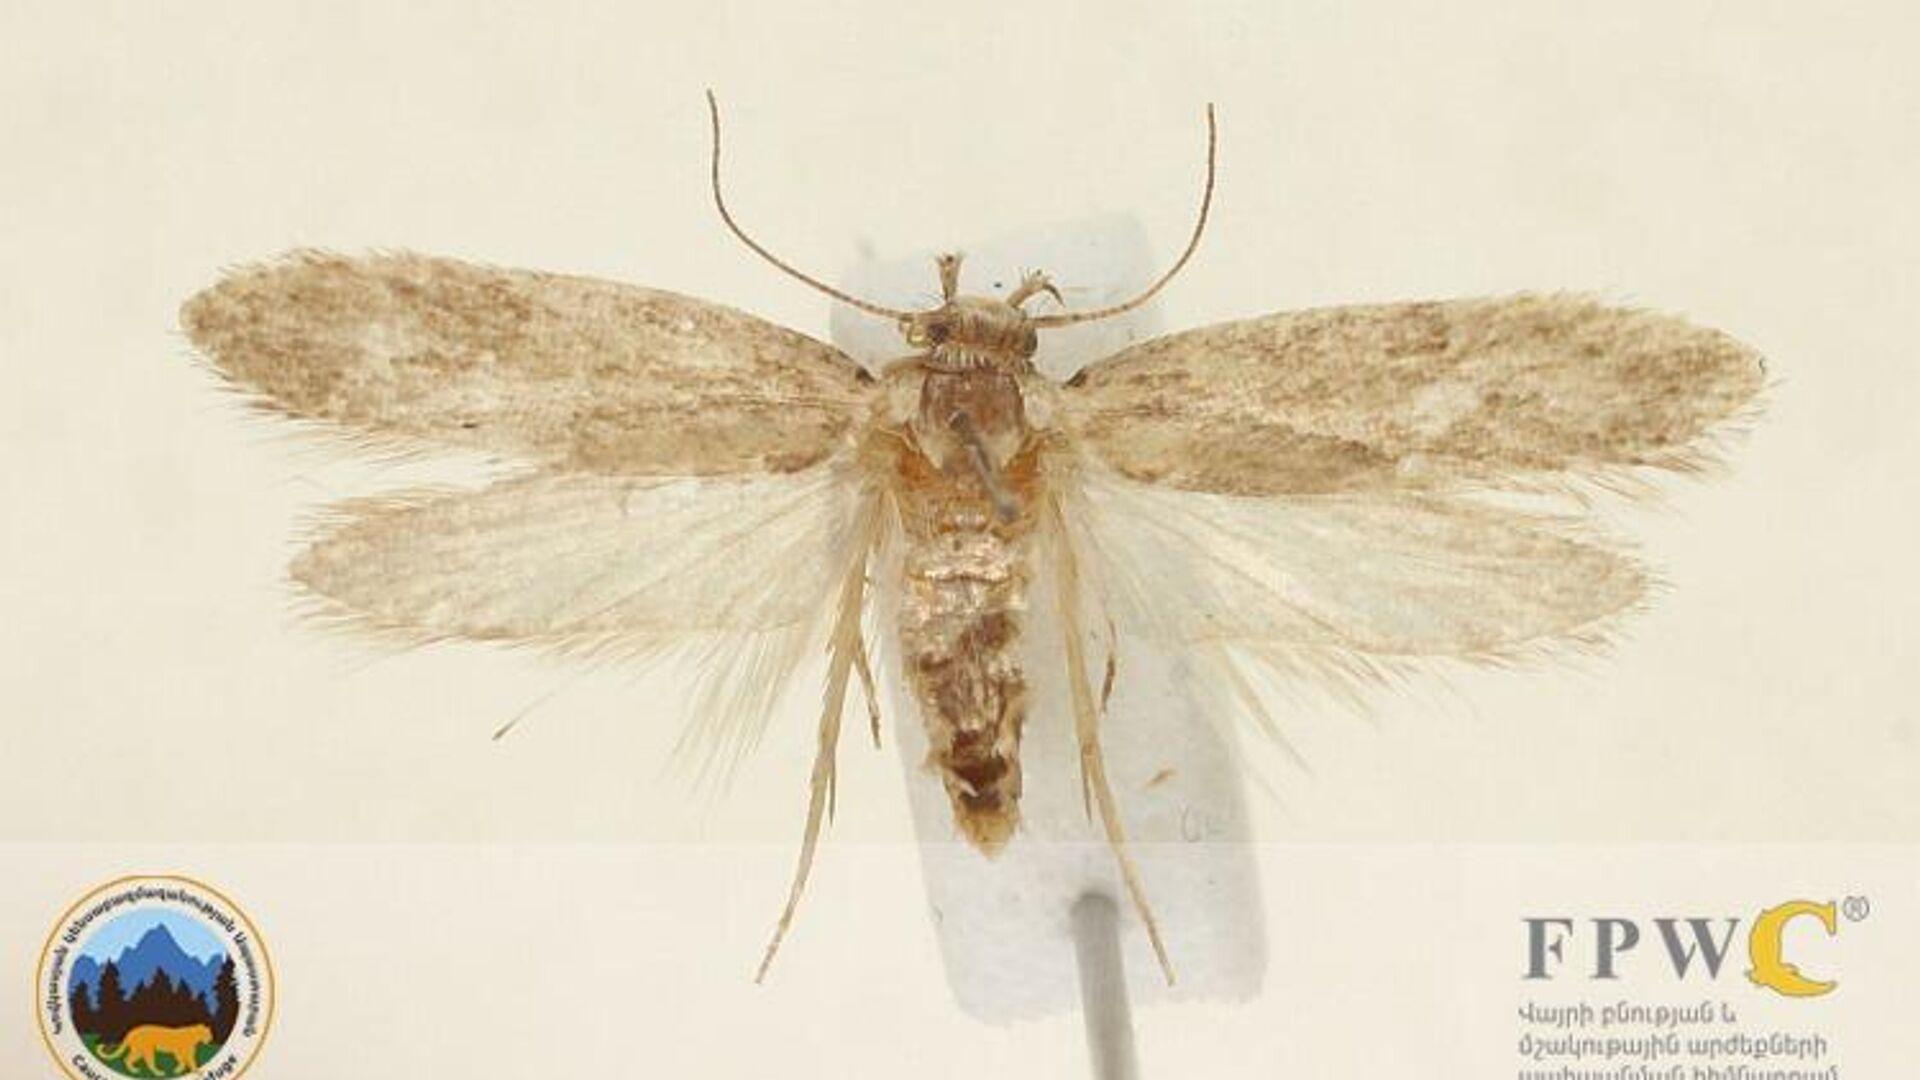 Новый вид чешуекрылых насекомых, обнаруженный в Армении - РИА Новости, 1920, 30.11.2020